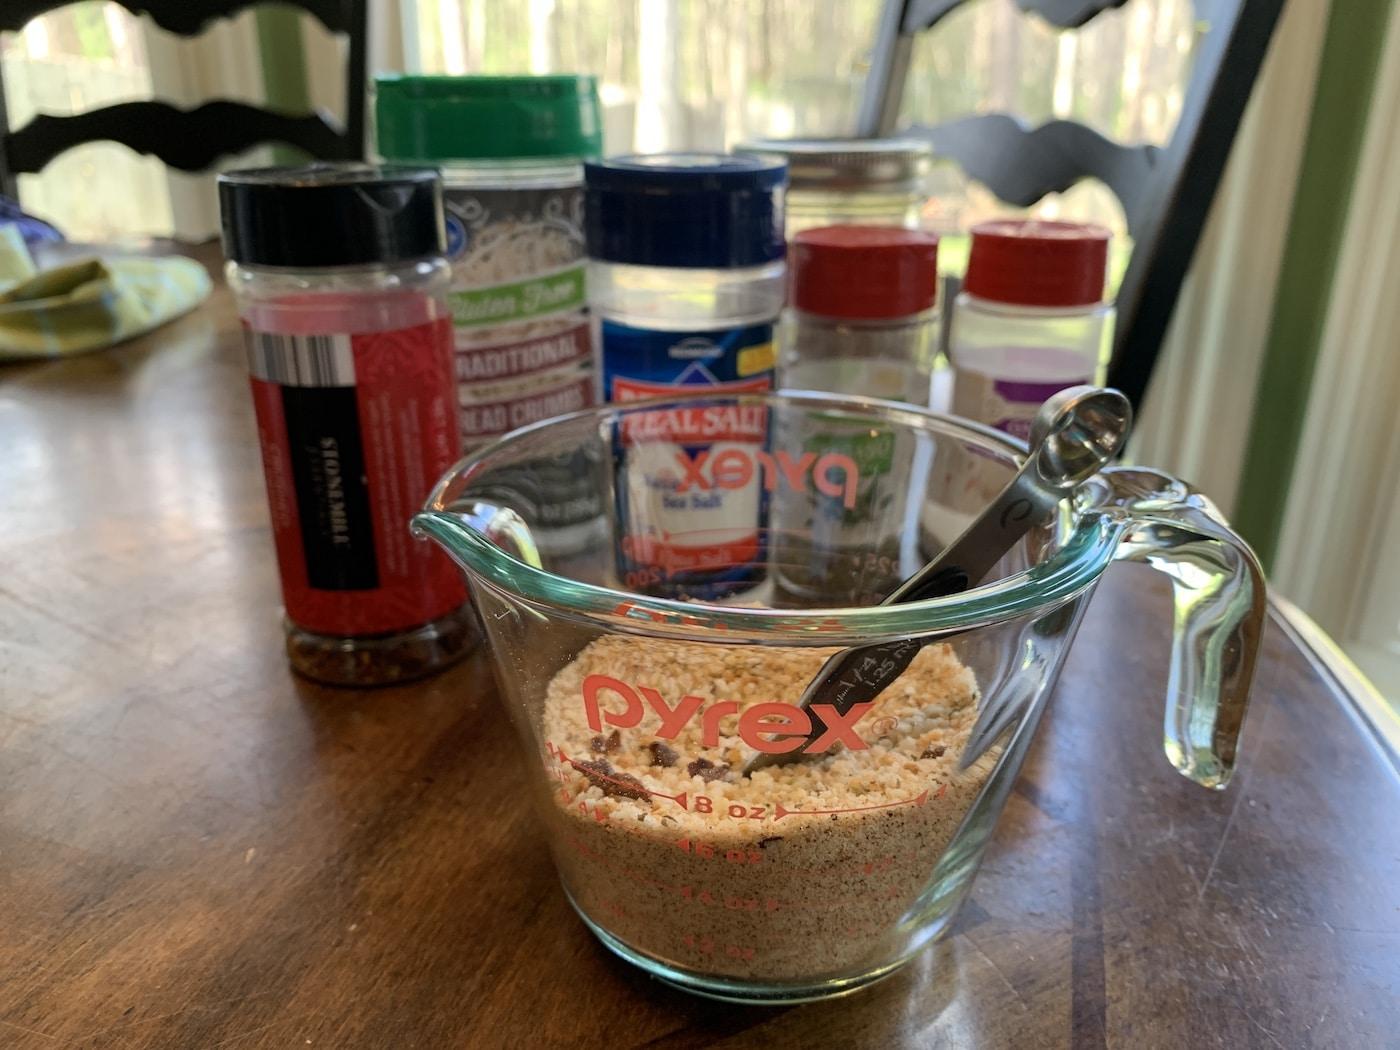 gluten free air fryer tenders ingredients